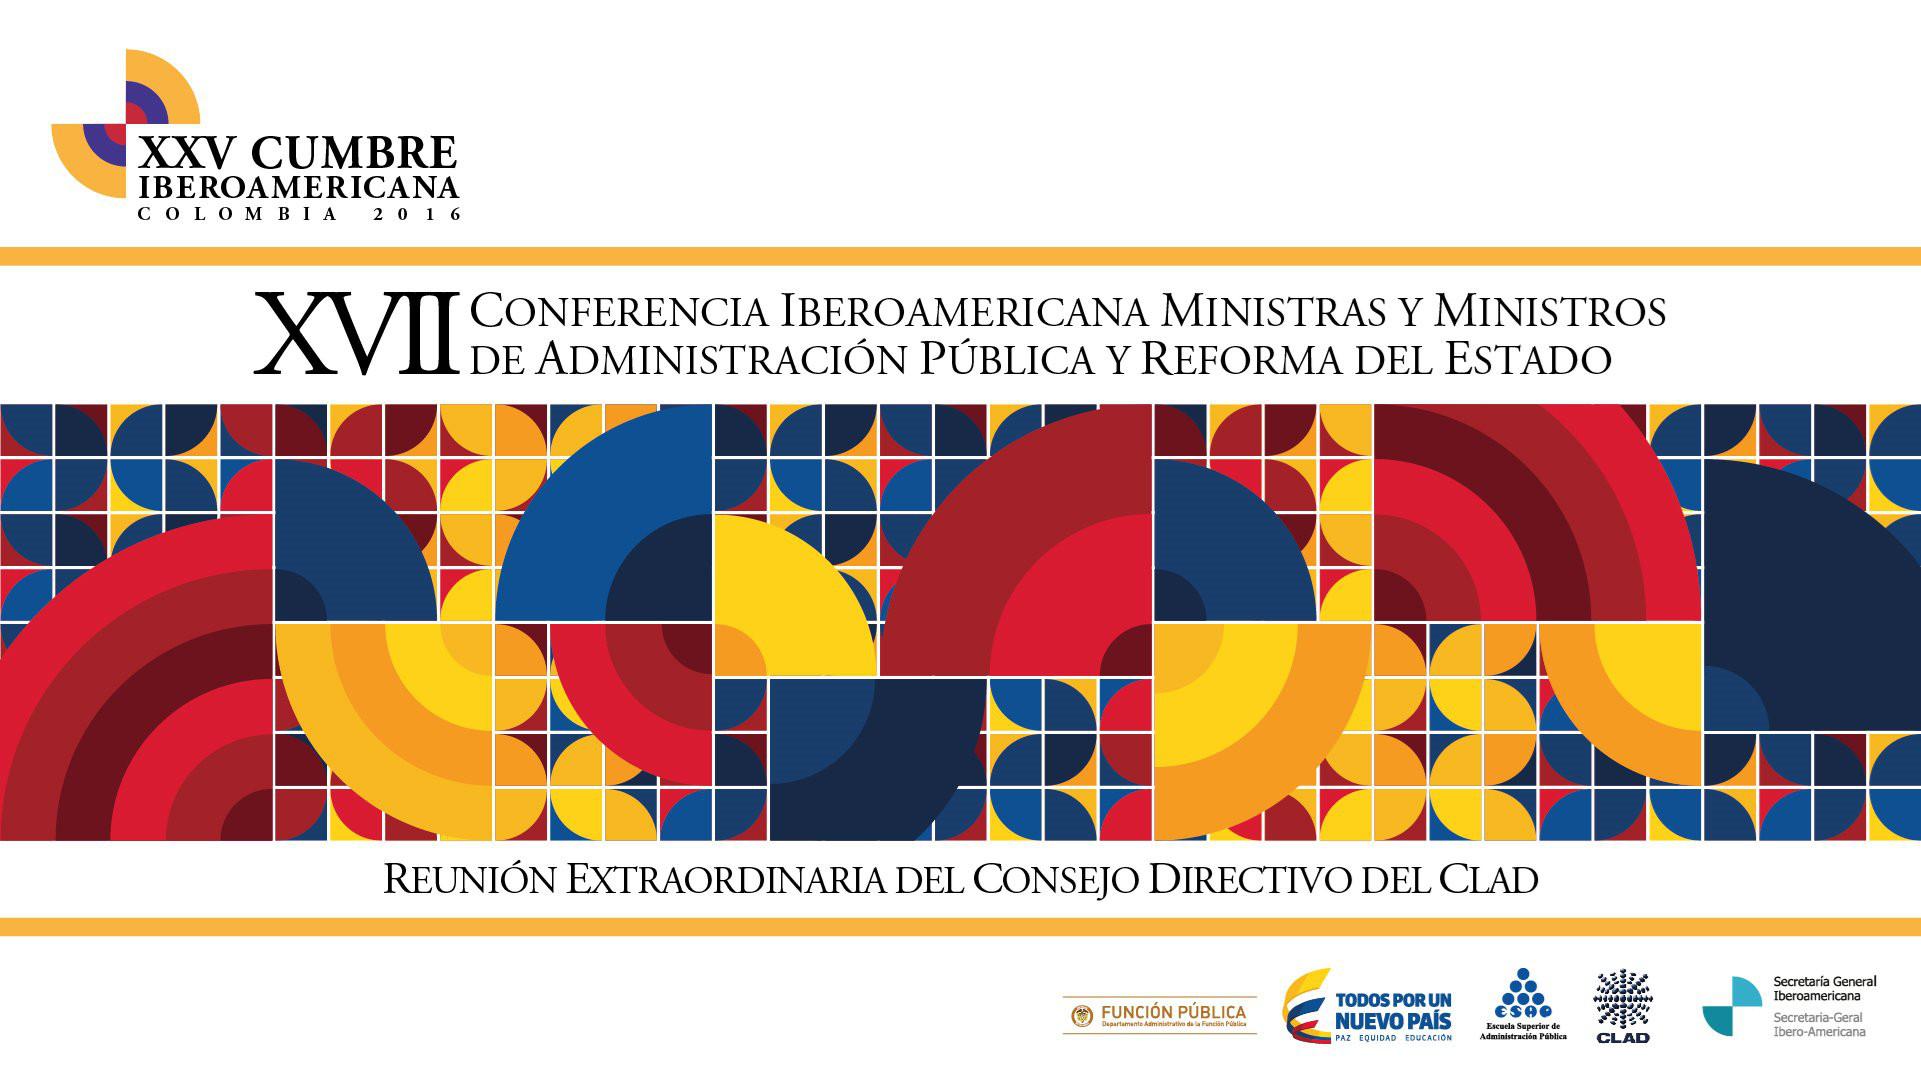 Cartel Ministerial Adm. Publica